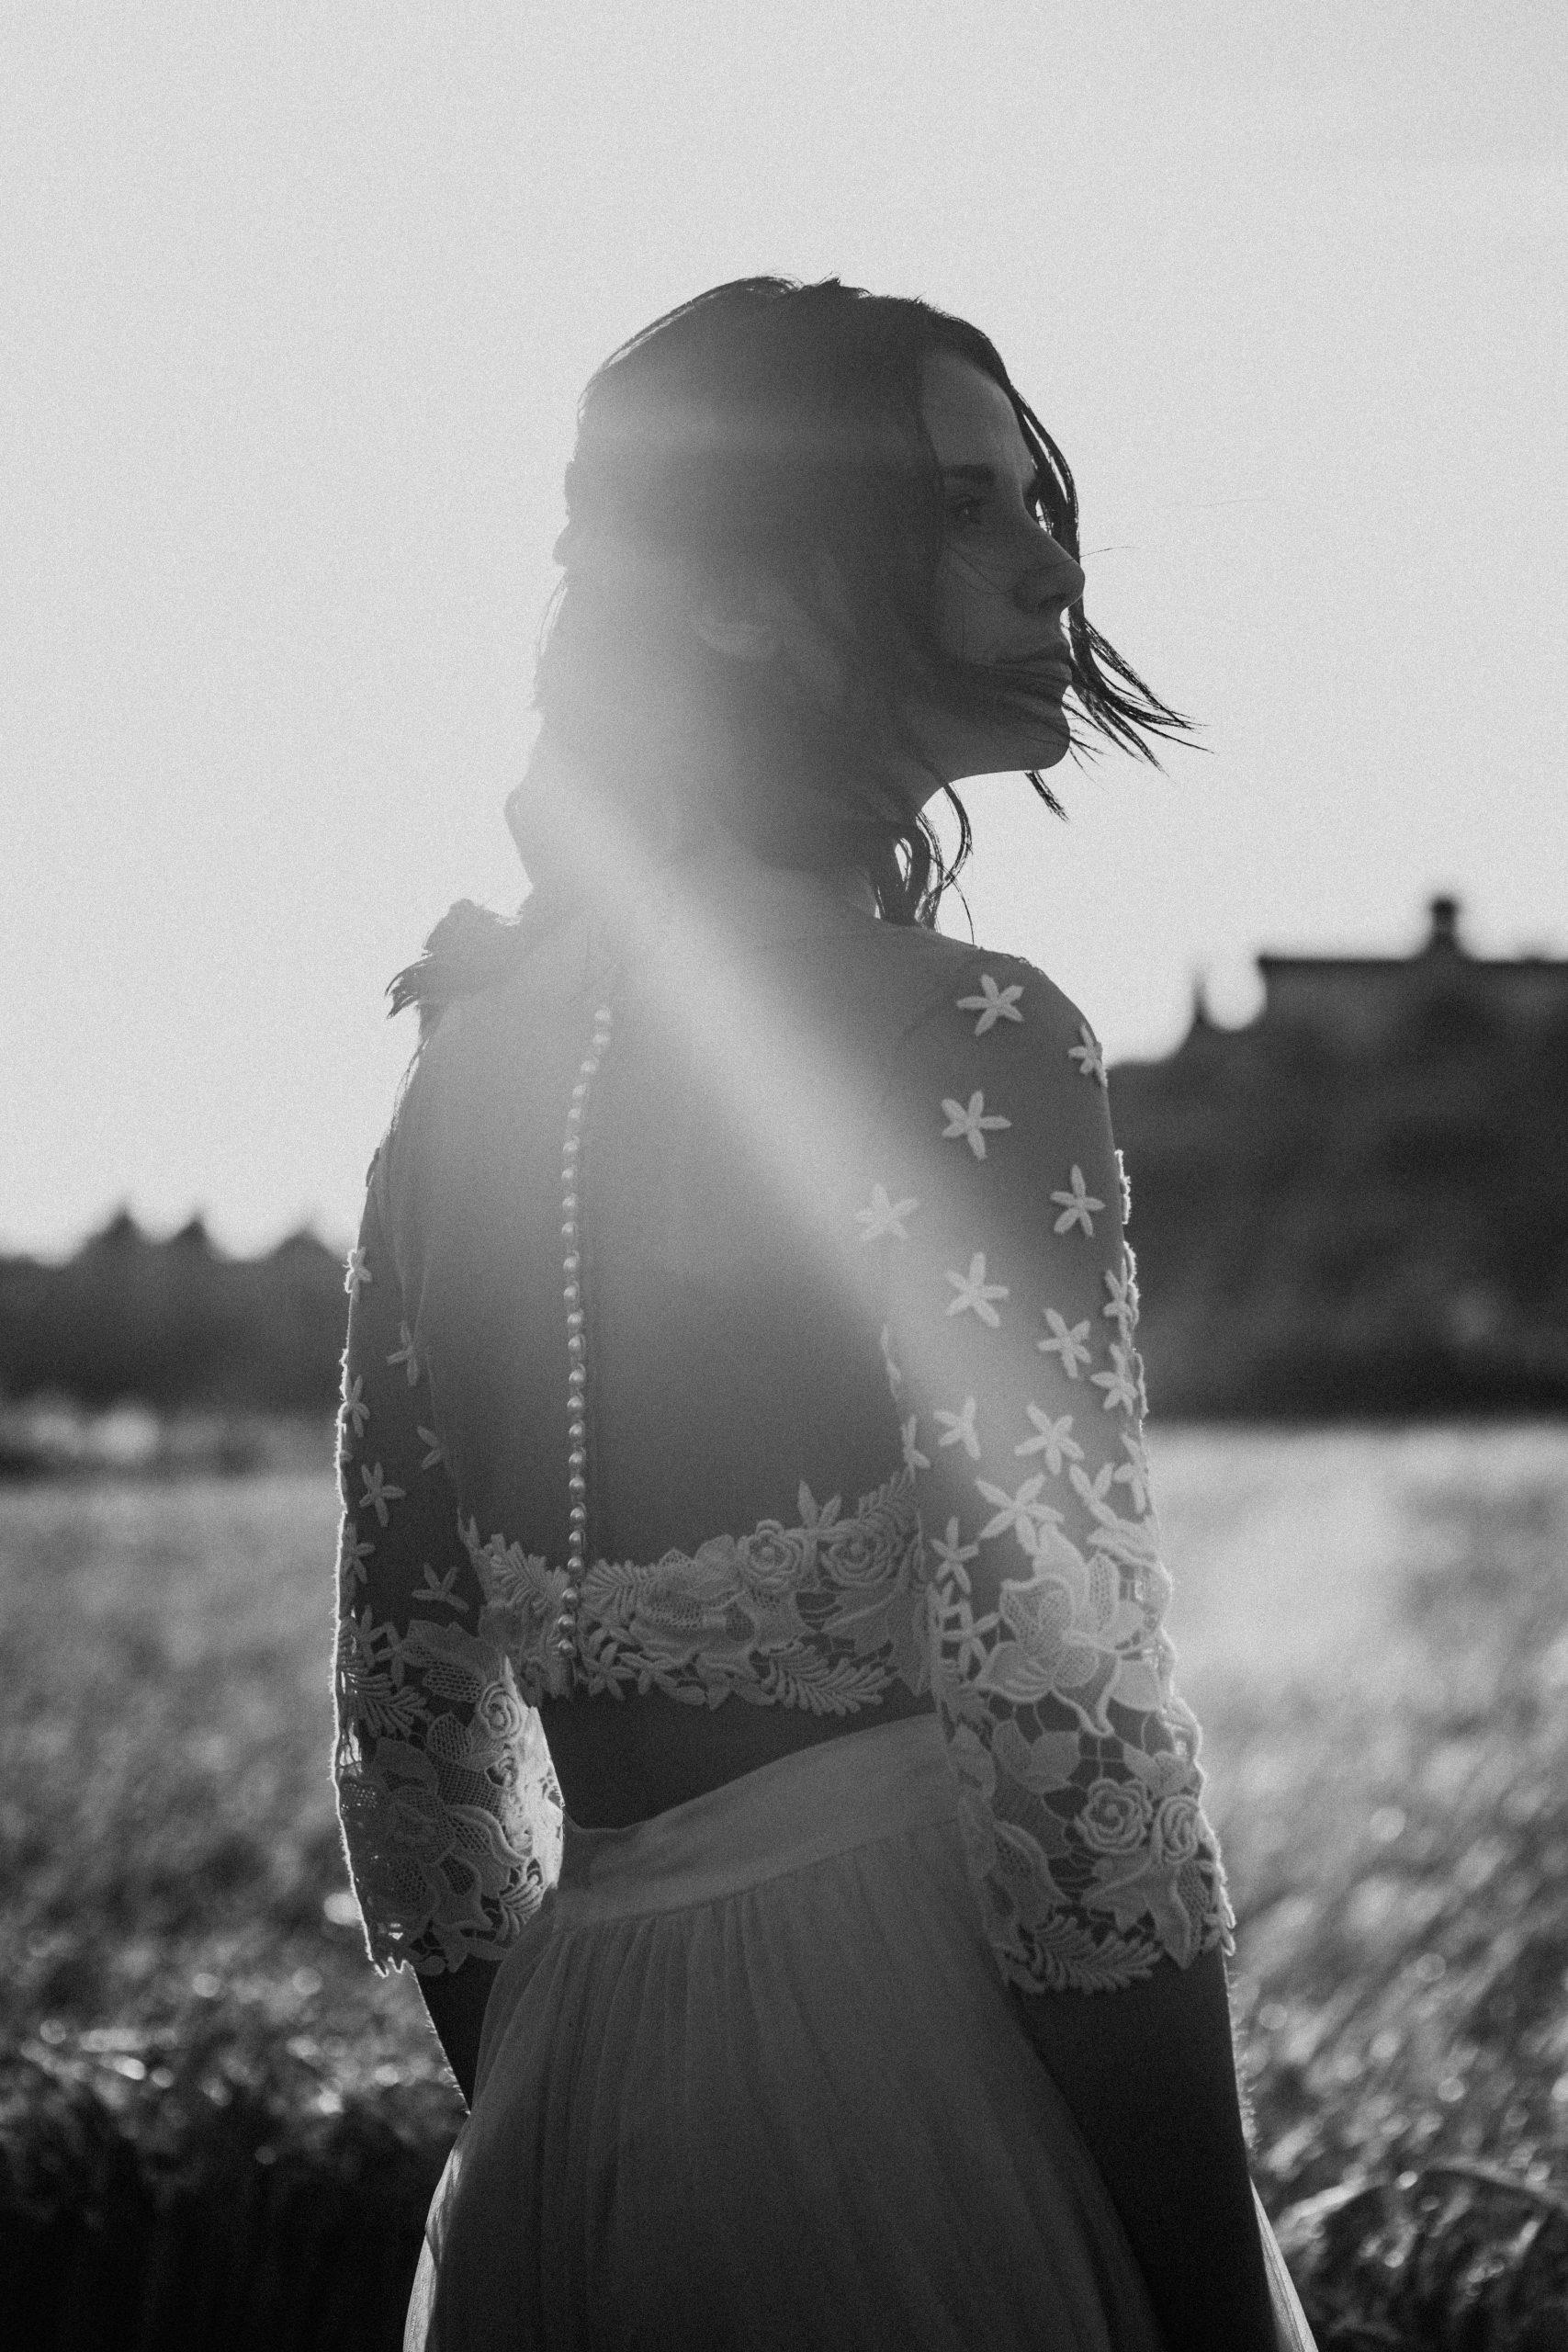 UtopicLovers film photo Mariage Elopement 2019 1 scaled - Une fugue amoureuse dans les champs de blé à 1h de Lyon.